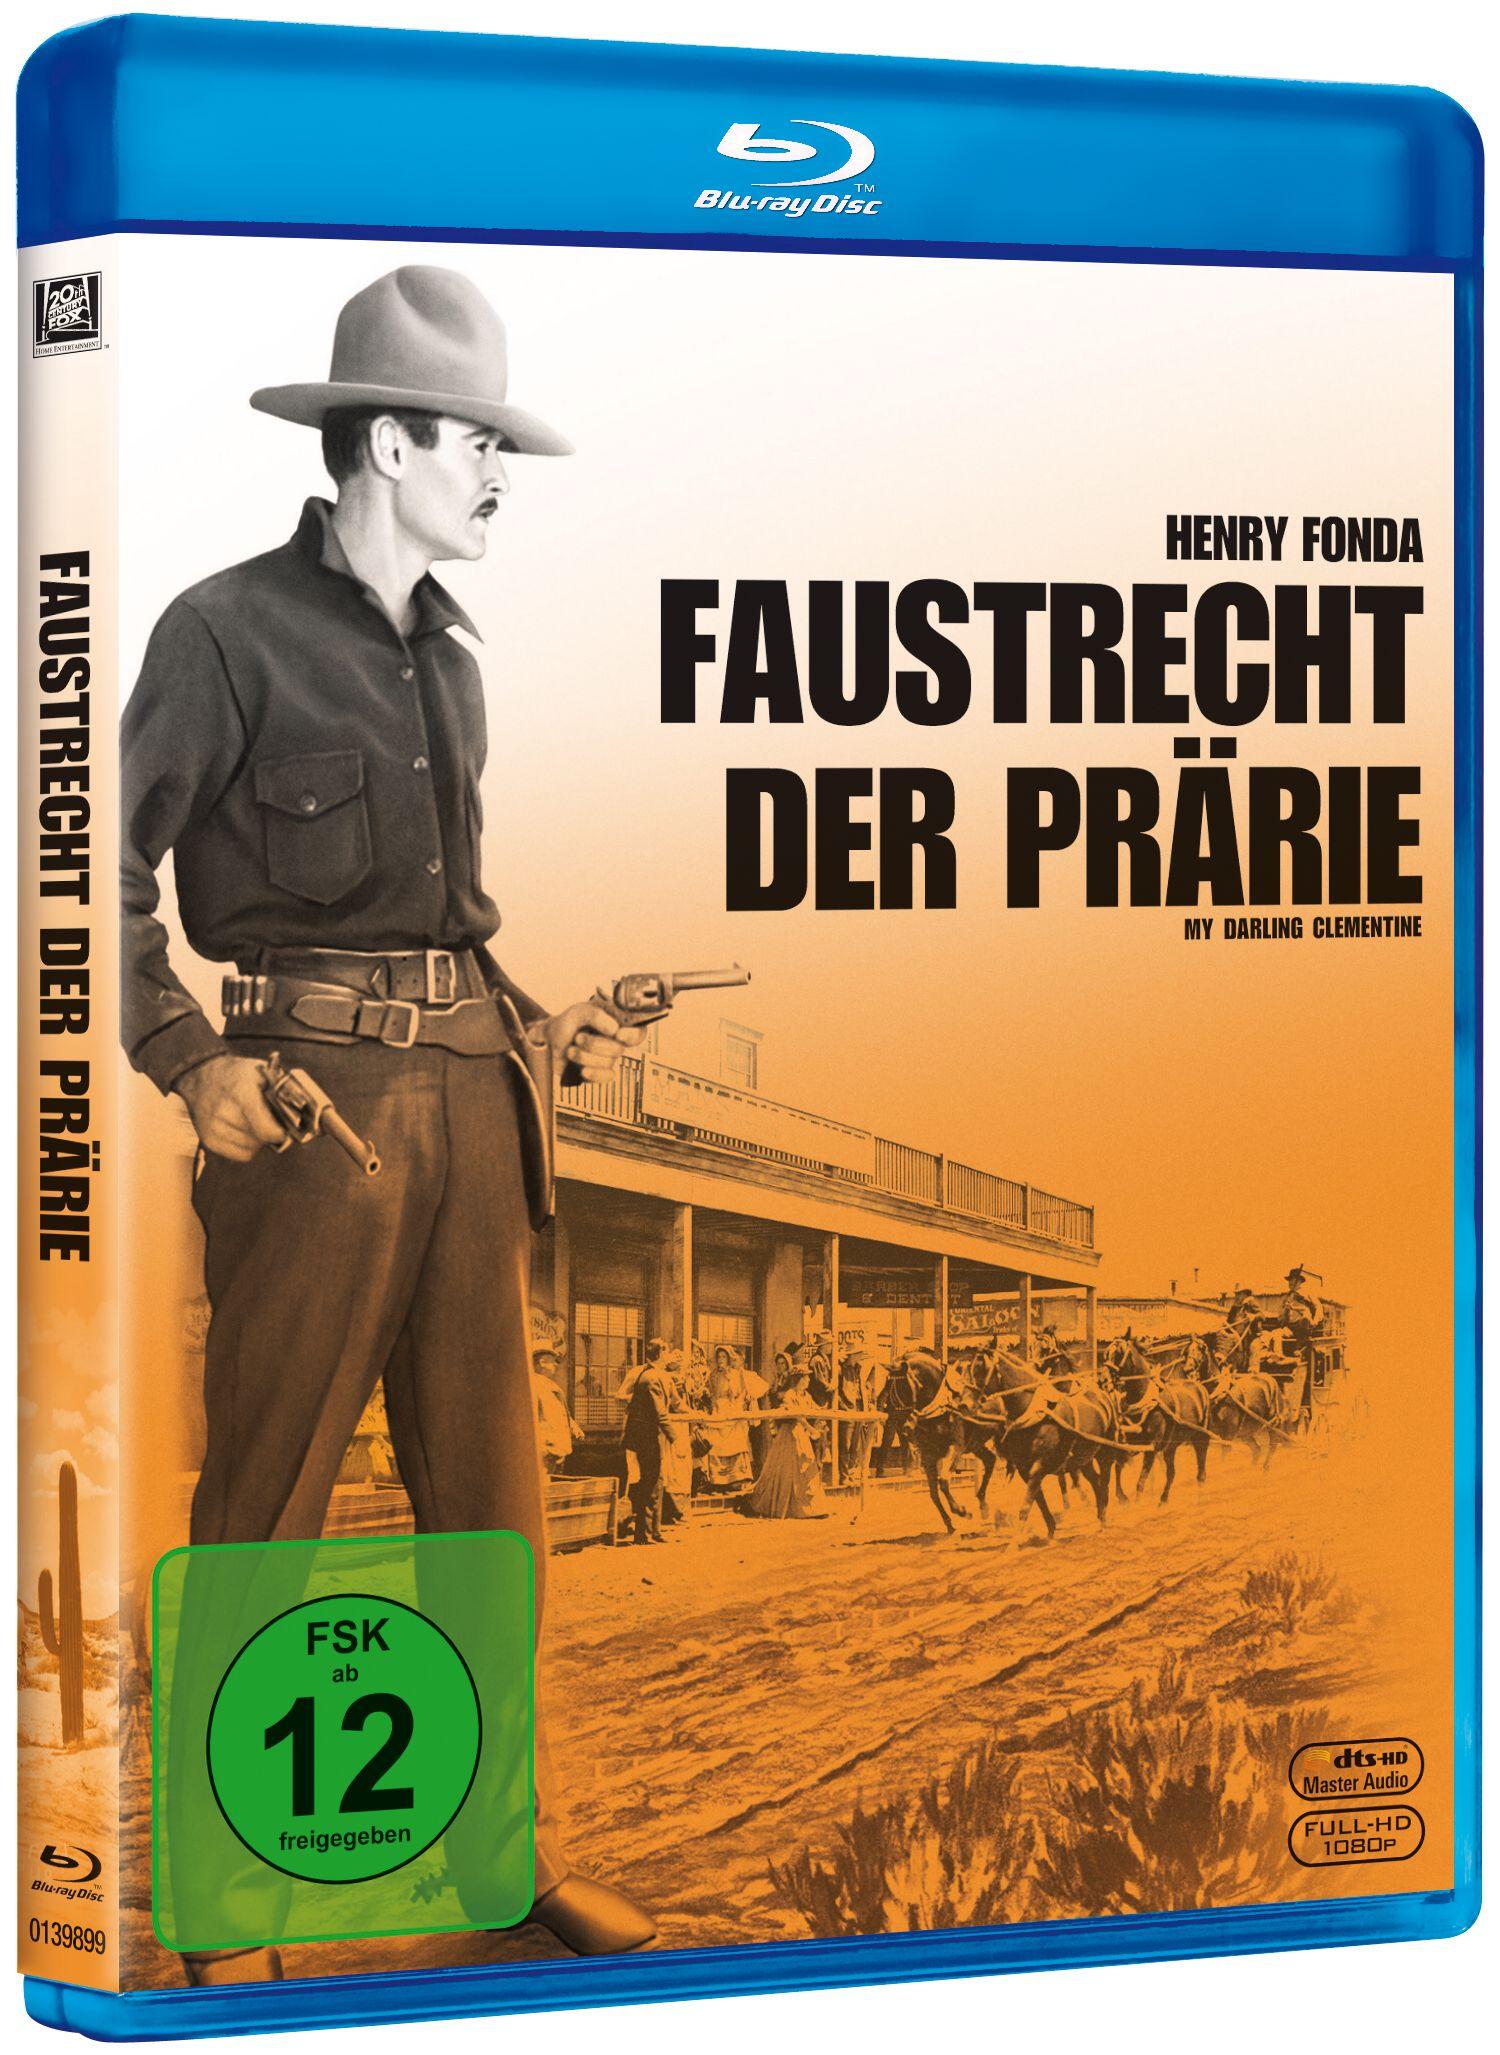 Faustrecht Der Prärie